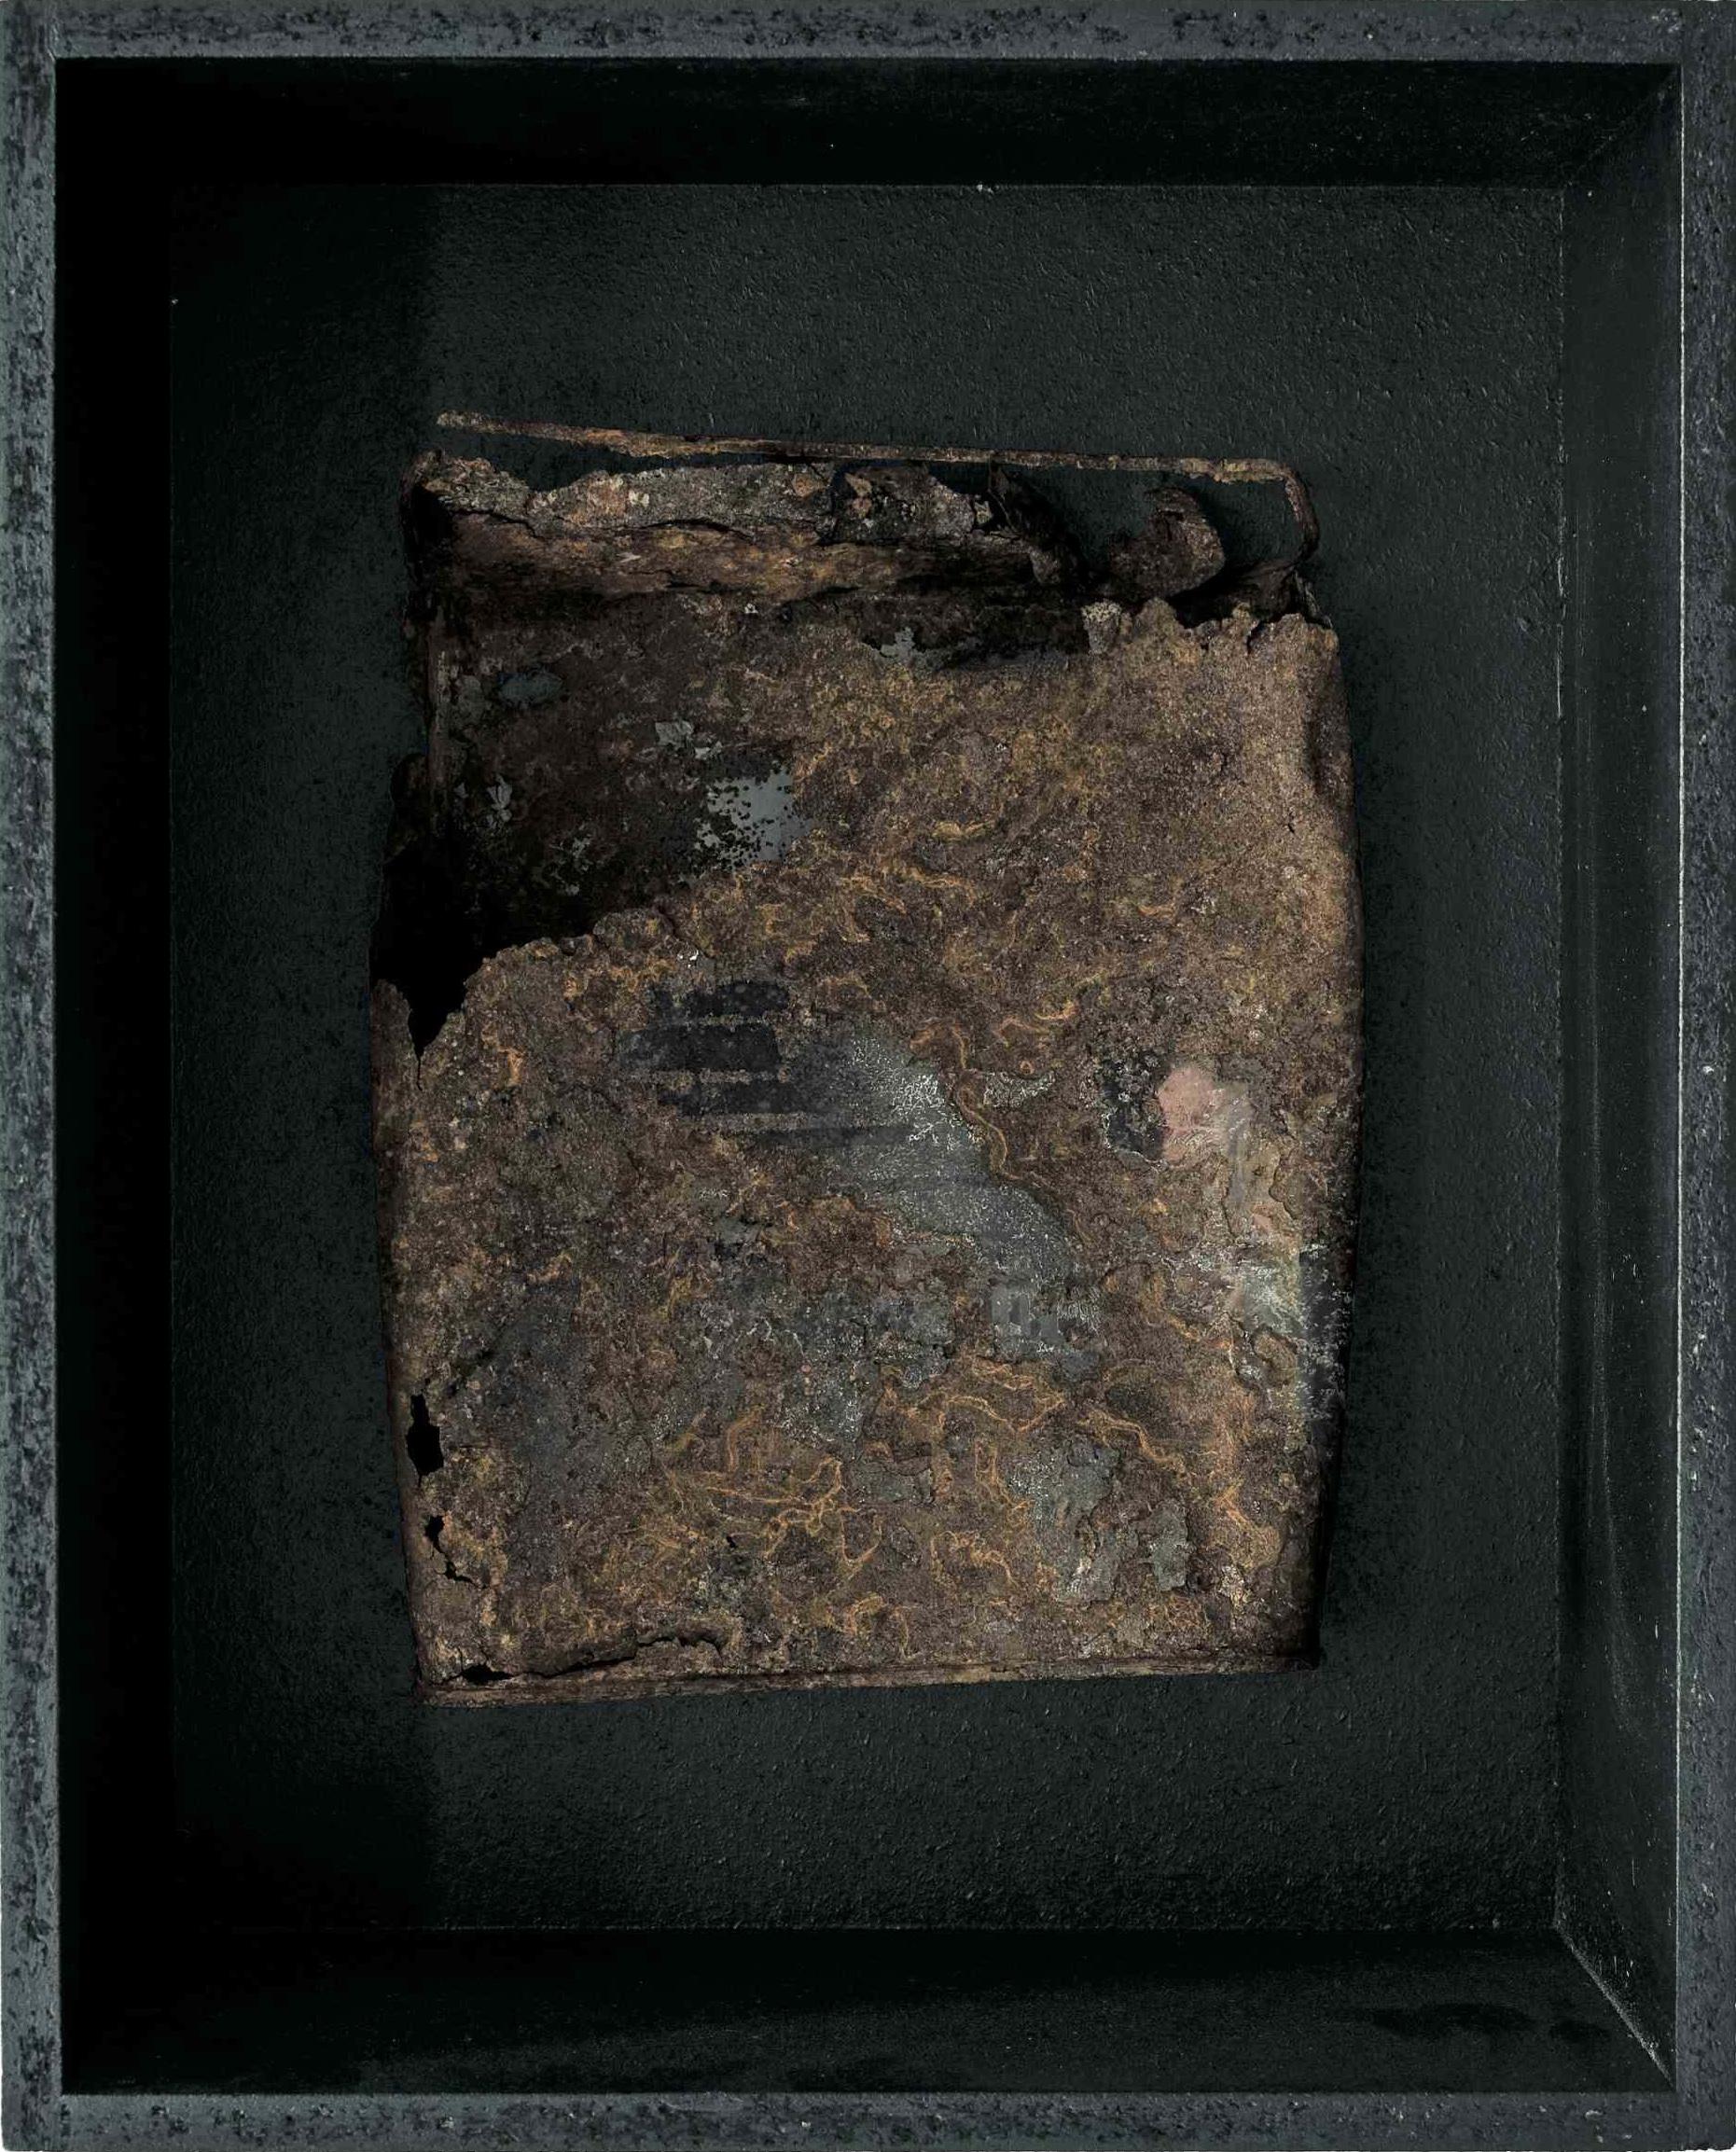 Il farsi e il rifarsi della forma, ferro combusto in scatola di legno, 36x29, 2004